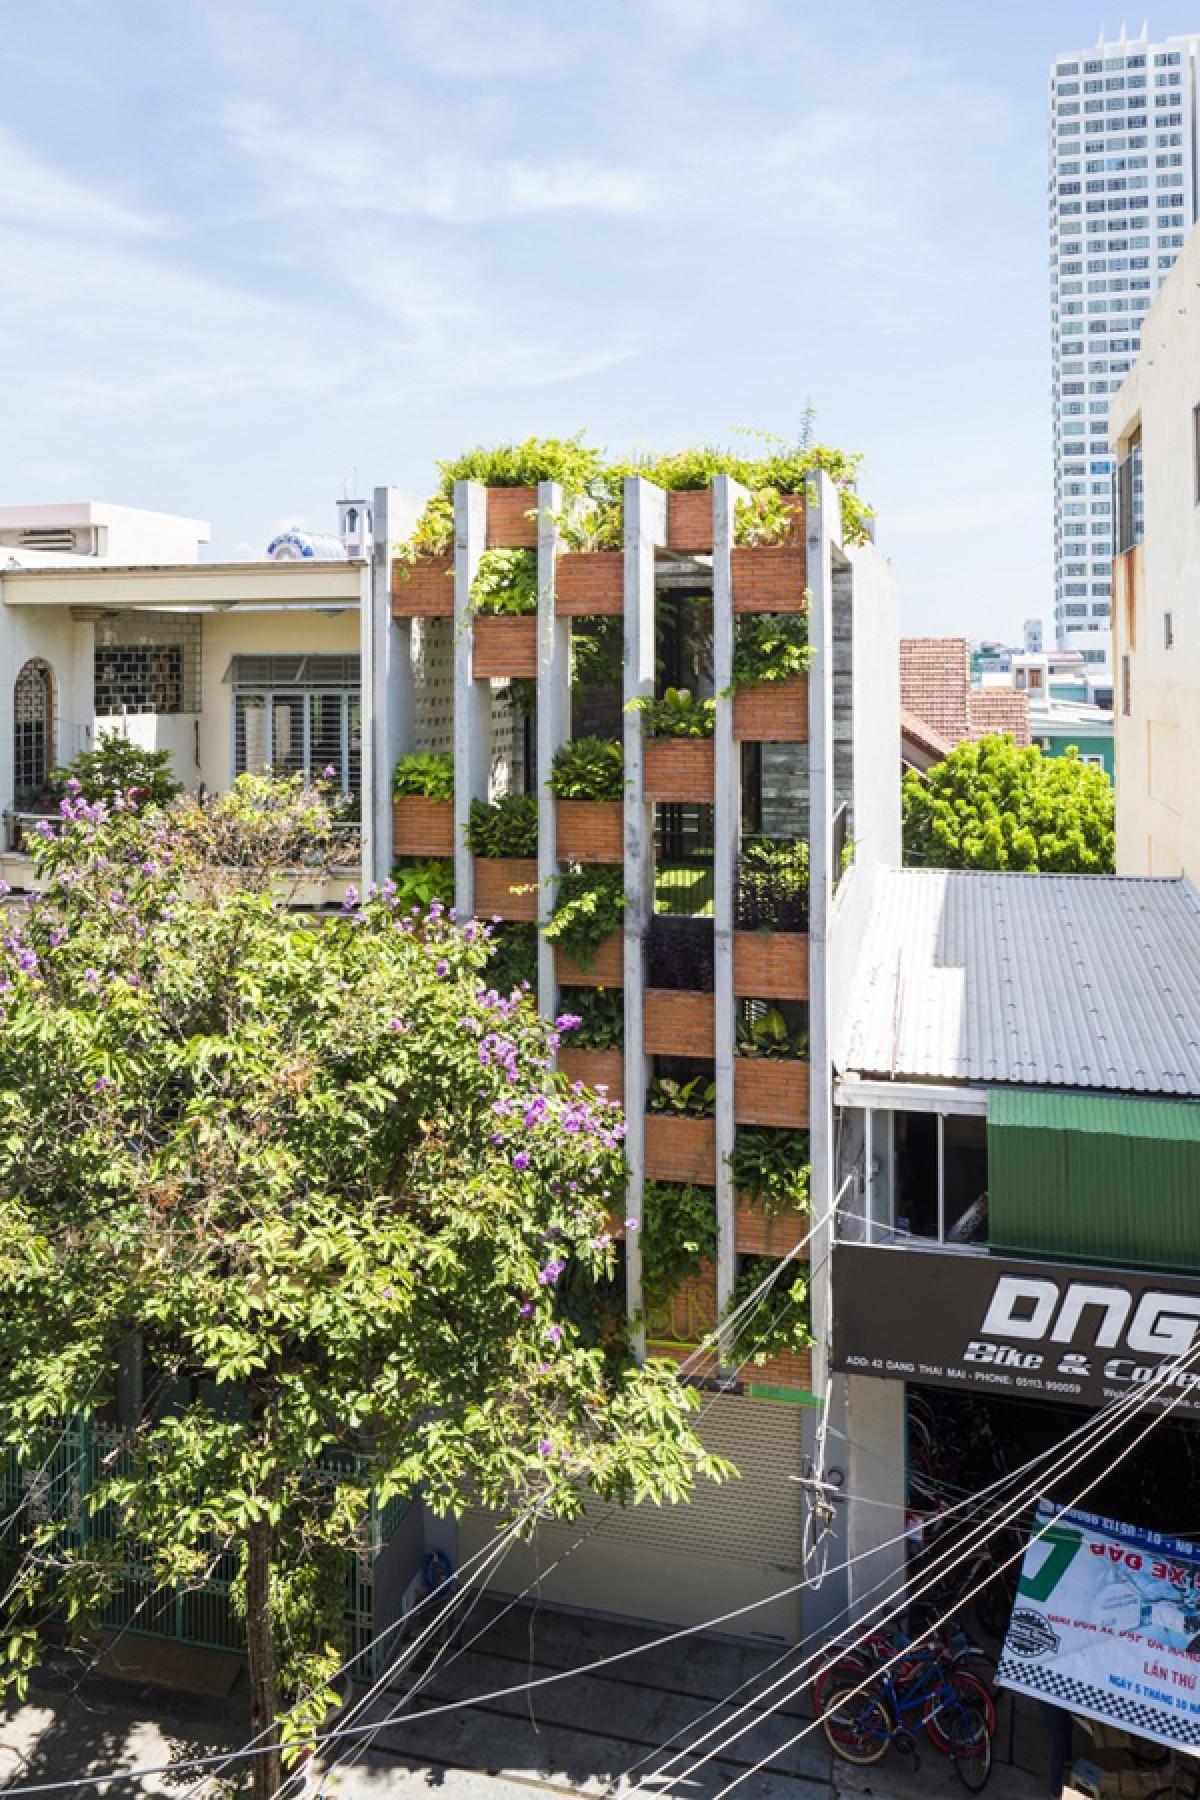 Ngôi nhà nằm ở quận Thanh Khê, TP Đà Nẵng, có diện tích xây dựng 240m2. Công trình có cấu trúc của một ngôi nhà phố có hai mặt thoáng trước và sau, mặt tiền hướng đông, mặt hậu hướng tây. Các kiến trúc sư và chủ nhà đưa ra ý tưởng làm ngôi nhà như nơi nghỉ dưỡng, gần gũi thiên nhiên. Mặt tiền ngôi nhà rất khác lạ với những bồn cây treo lơ lửng giữa những lam bê tông thẳng đứng.